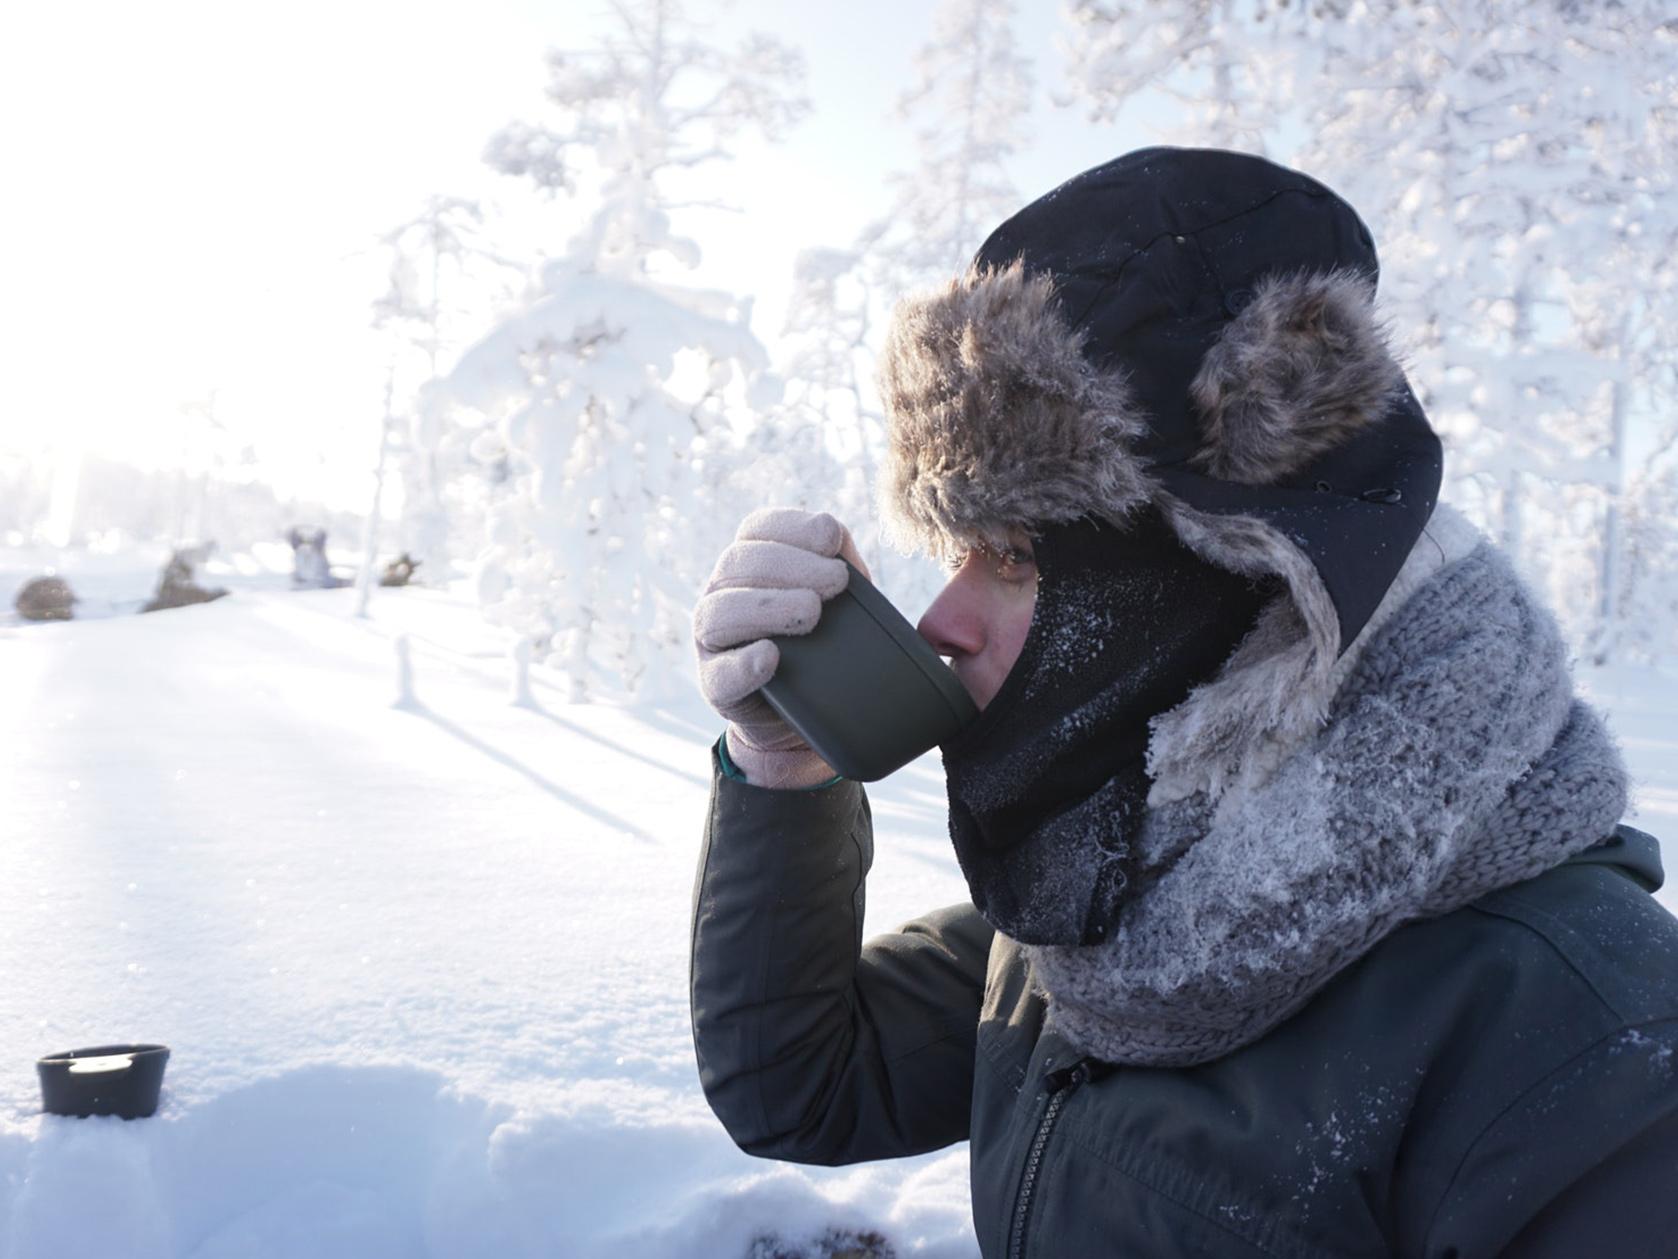 wintertour_halfdayhuskytour_4